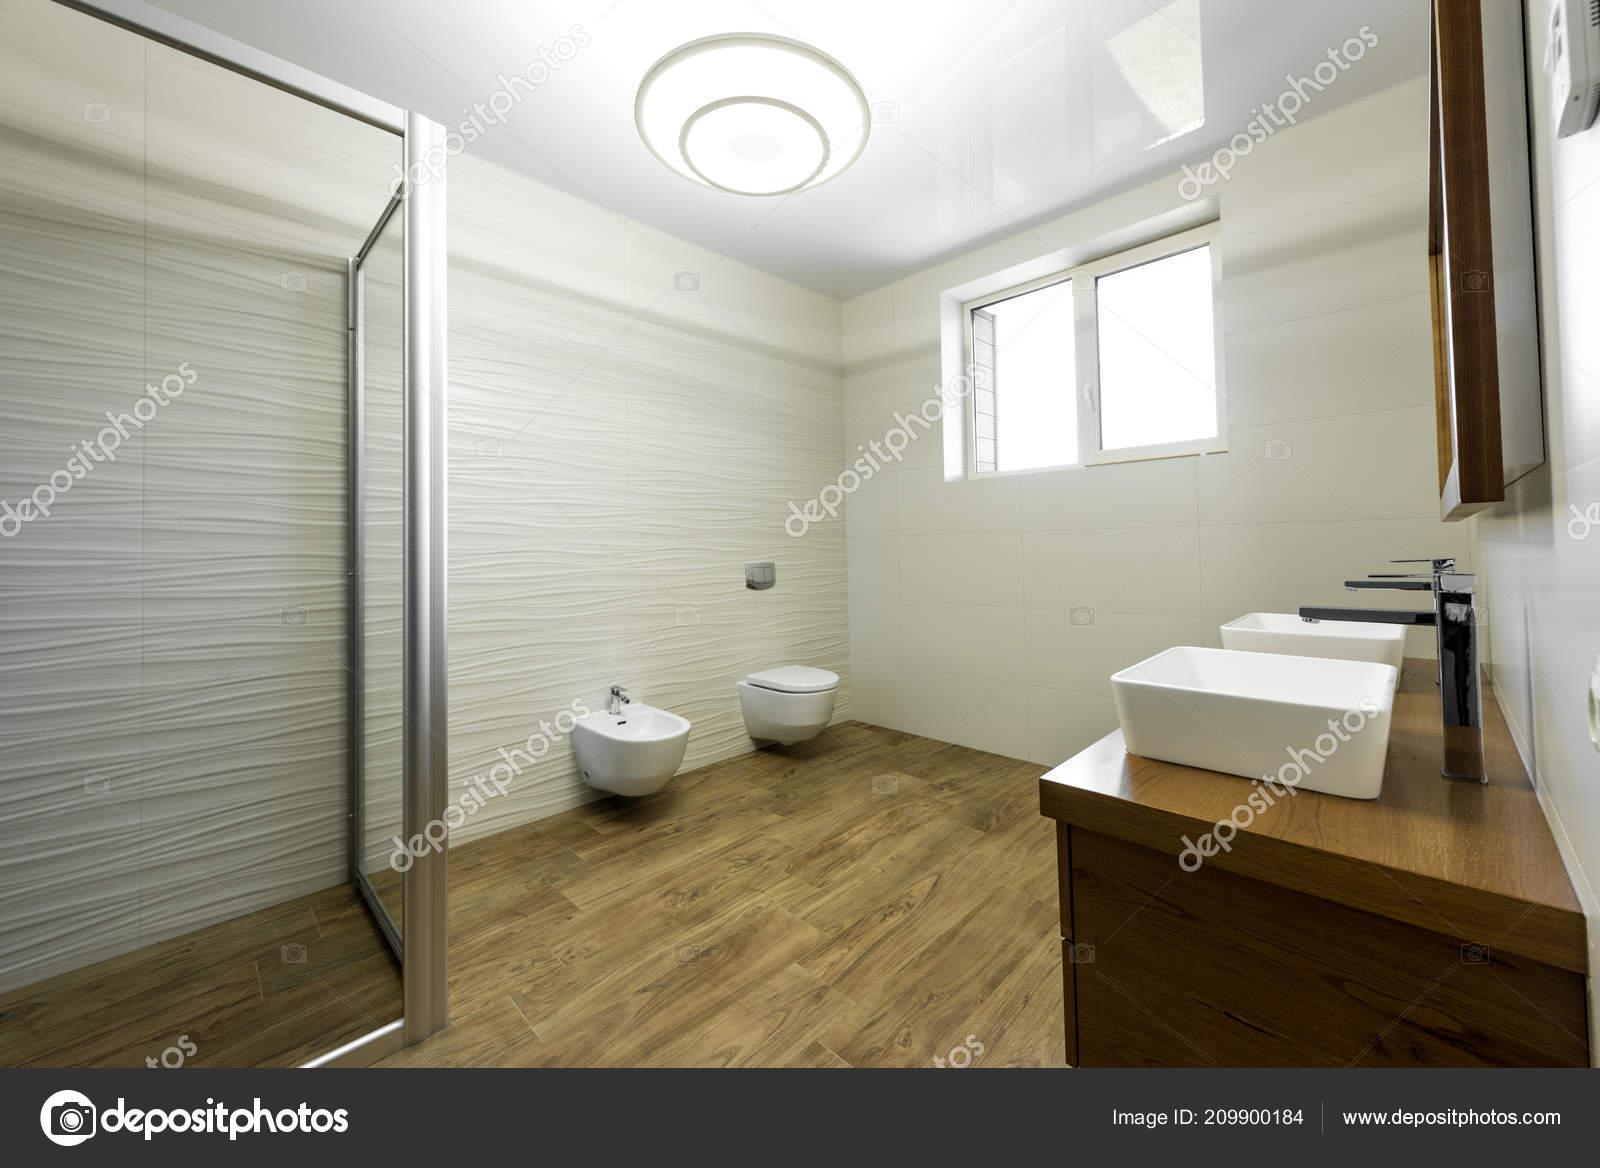 Innere Des Modernen Badezimmer Mit Dusche Bidet Und Zwei Waschbecken ...